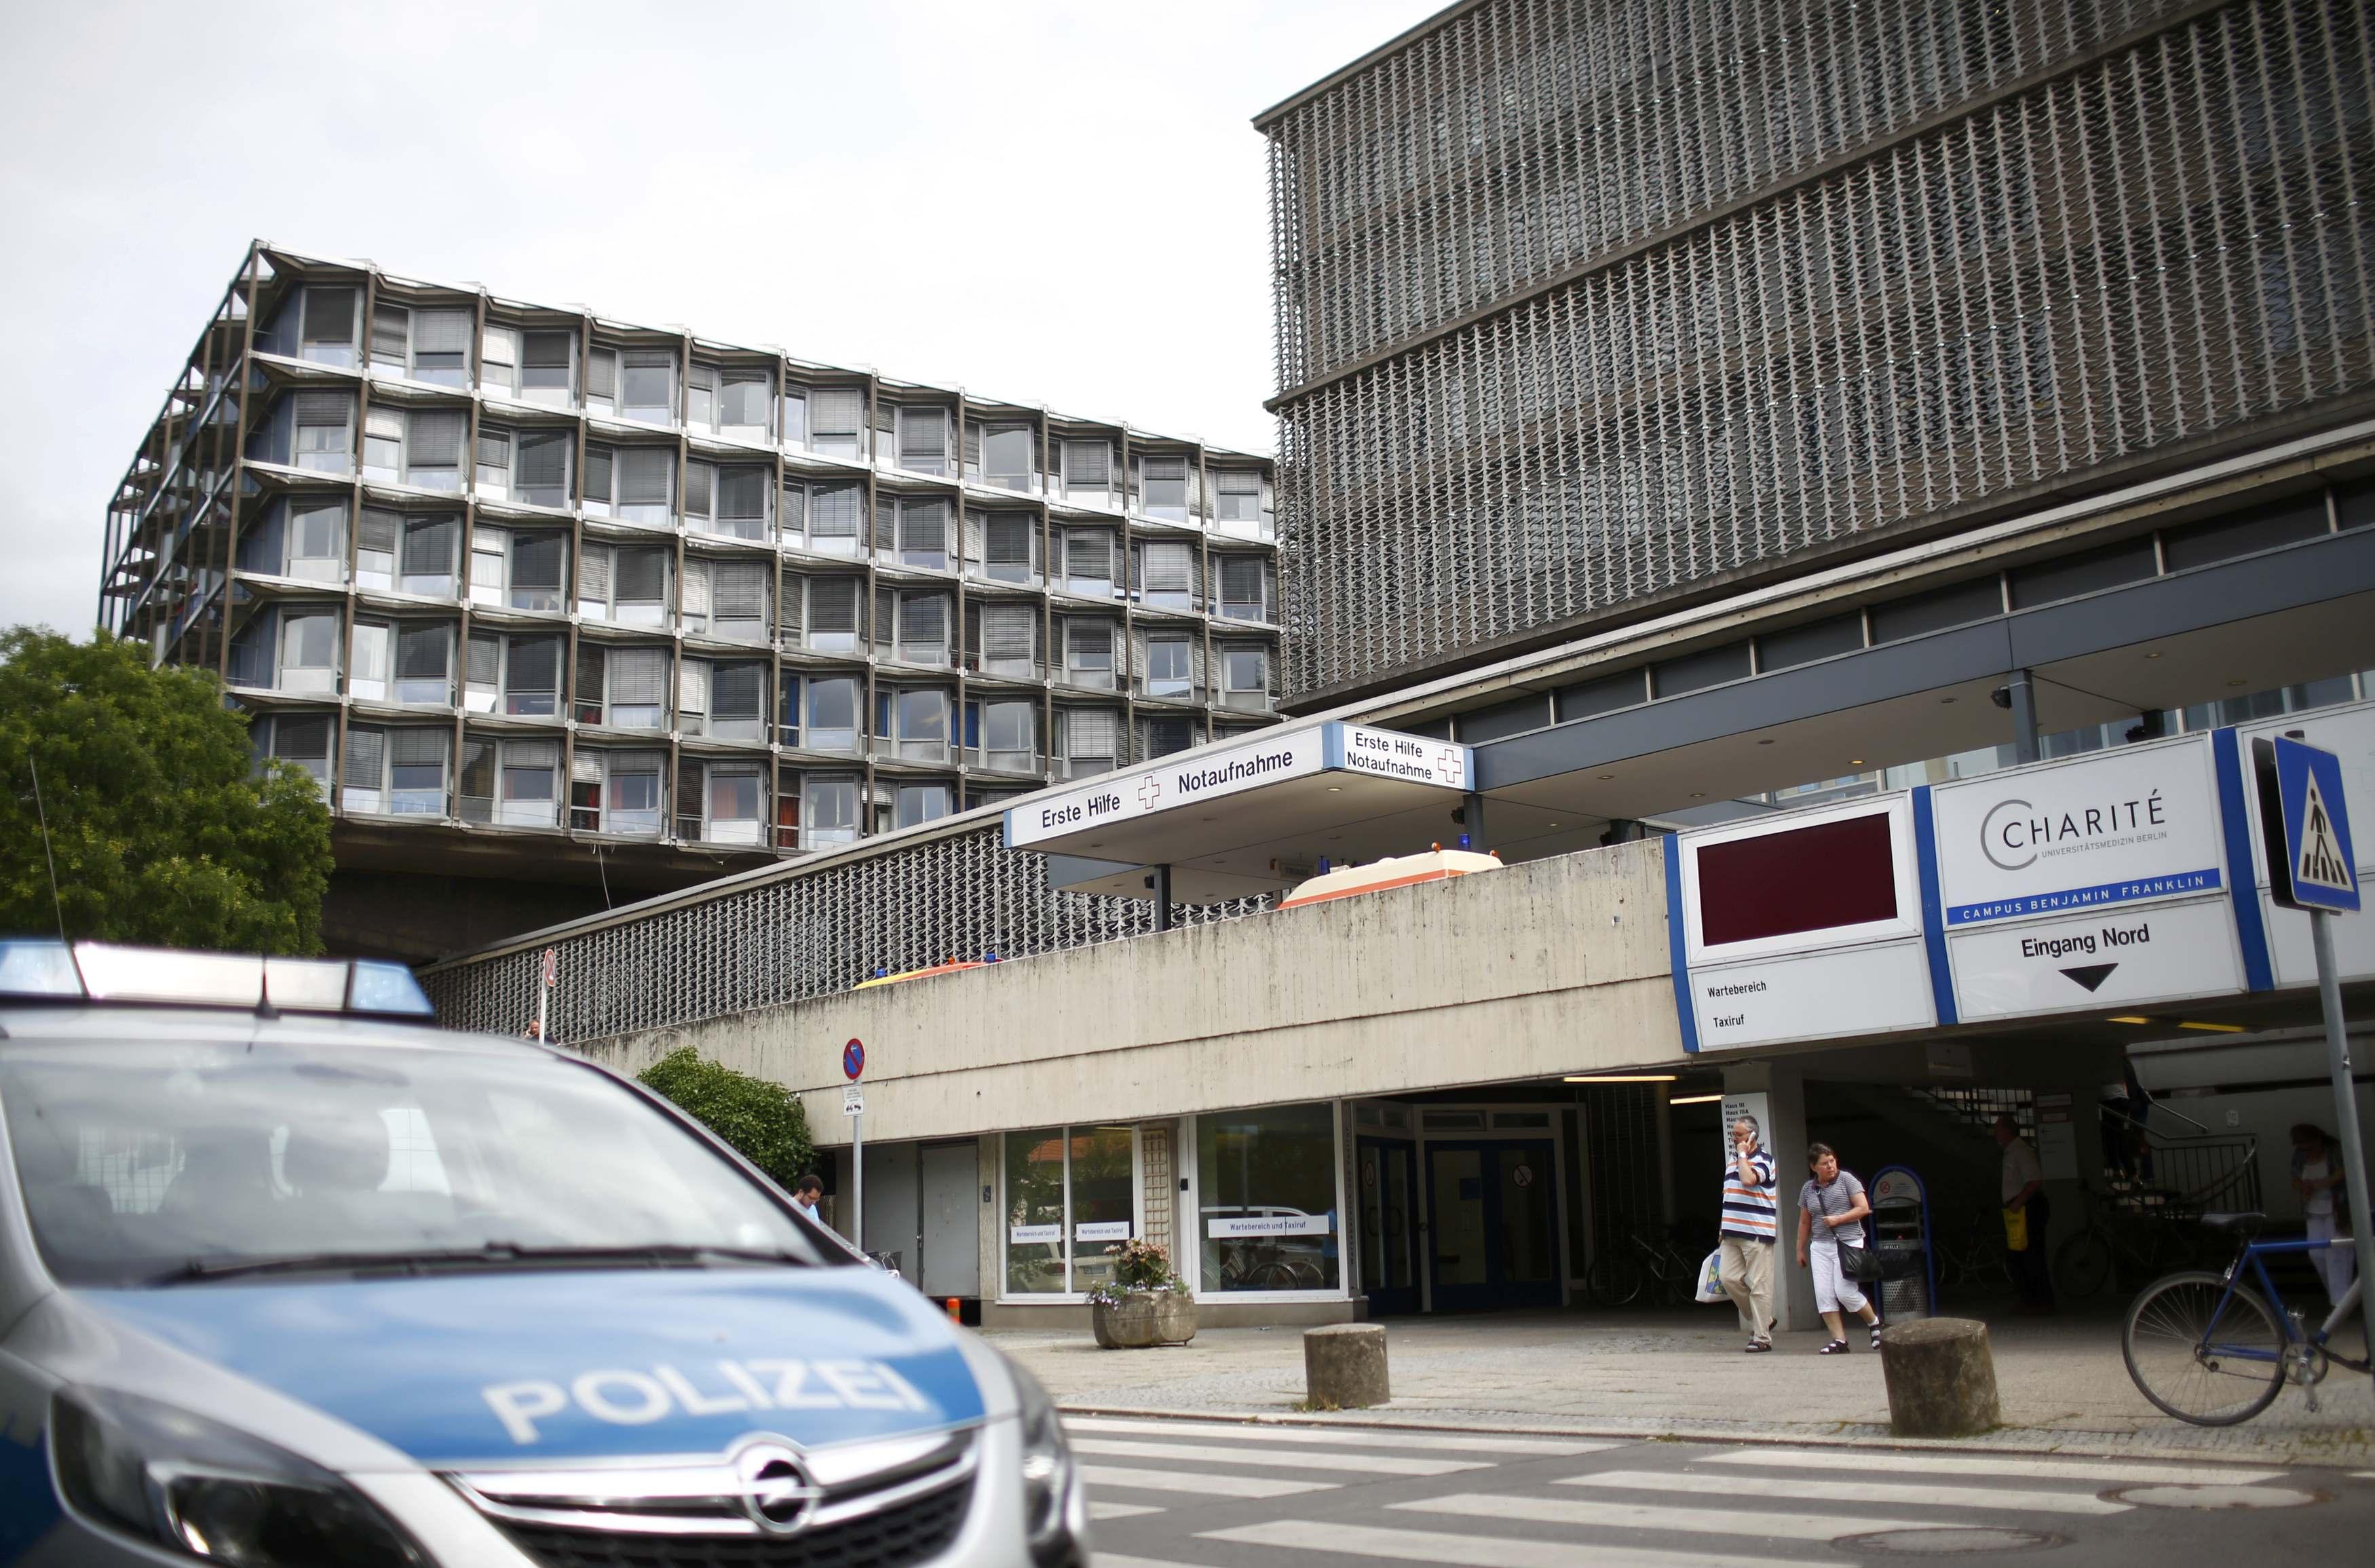 Los hechos ocurrieron en el hospital Bejamin Franklin ubicado en Berlín cuando un hombre generó varios disparos antes de suicidarse